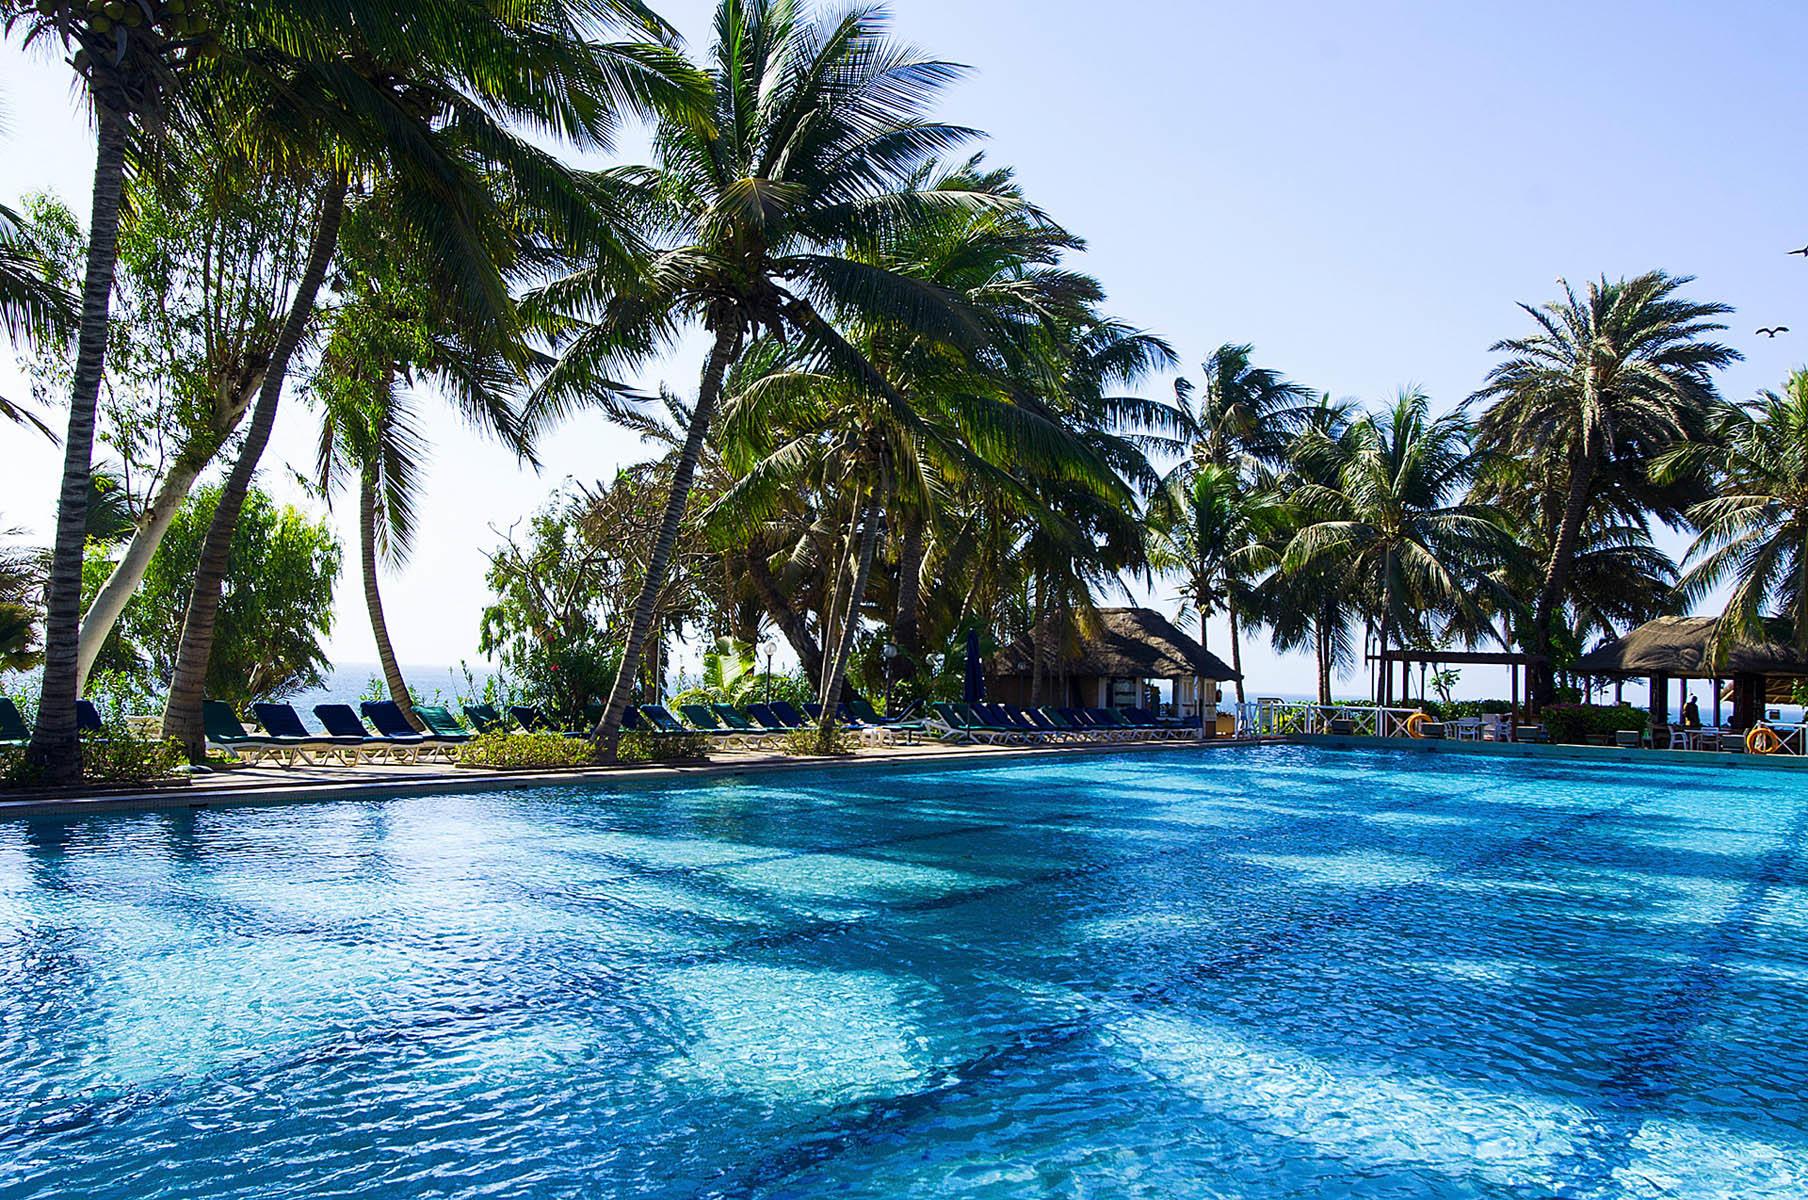 Hotel Jardin Savana Dakar | Luxury Beach Hotel In Dakar Senegal destiné Hotel Jardin Savana Dakar